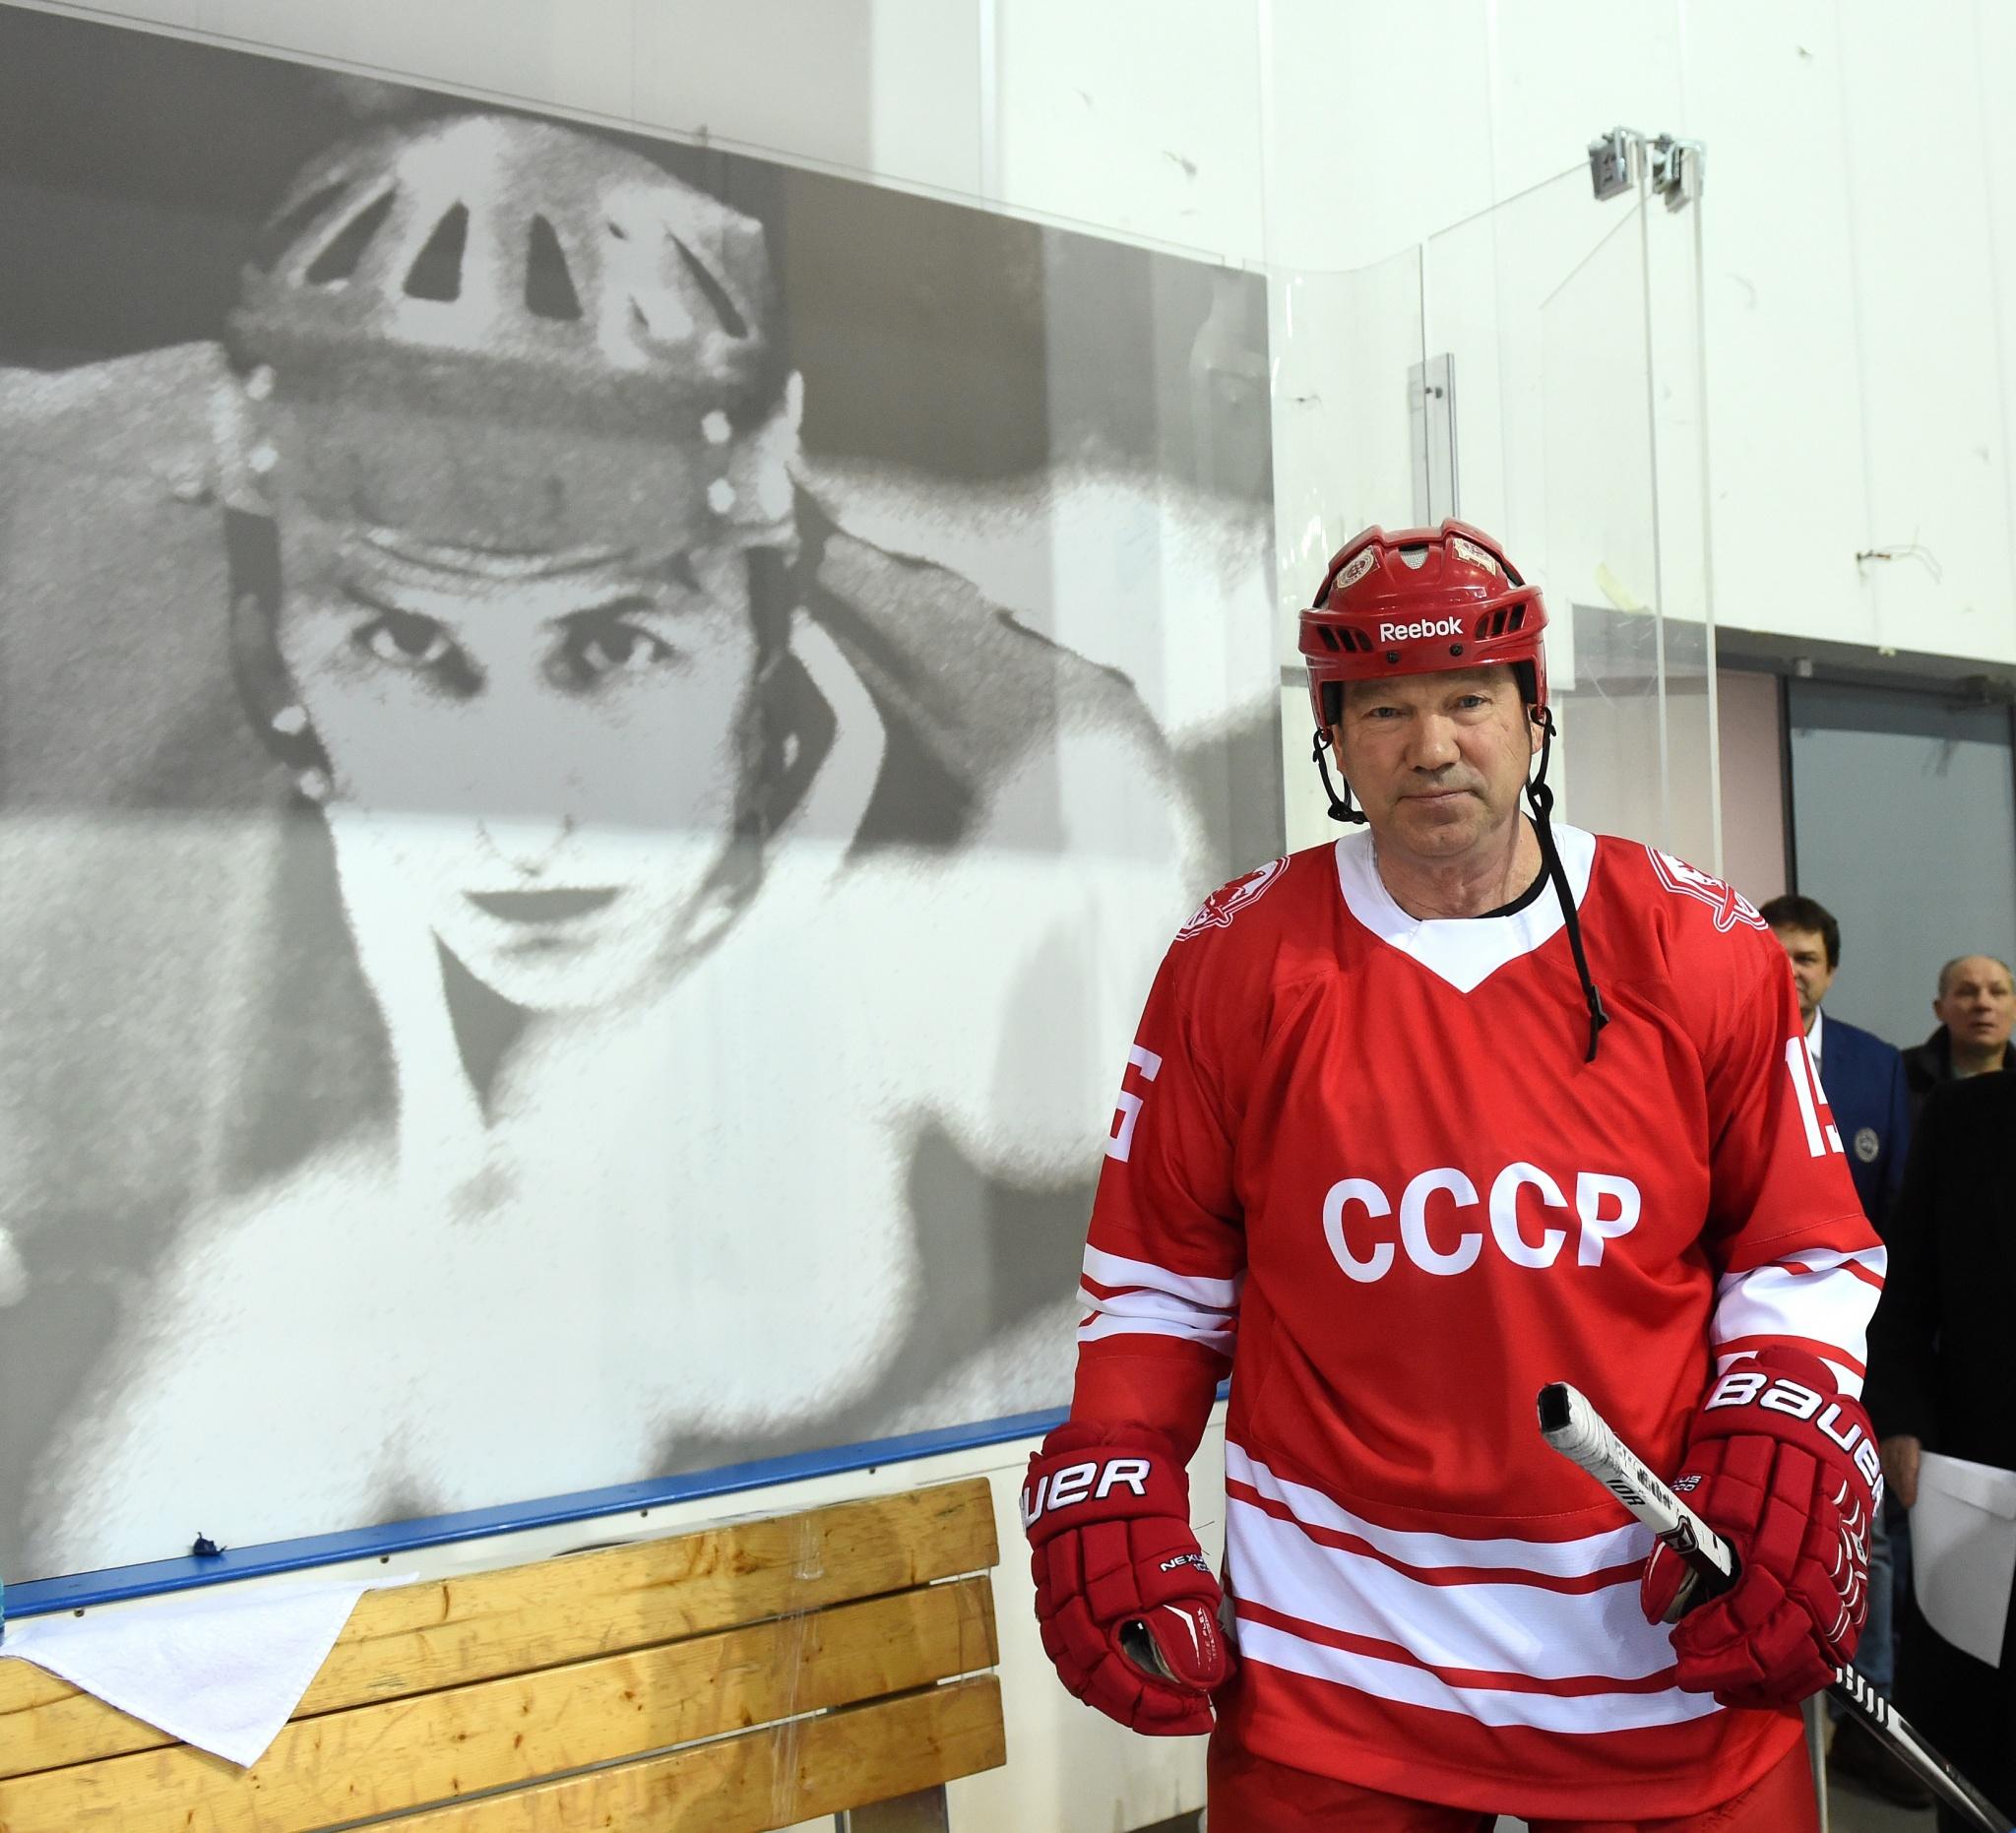 Виктор Шалимов. Фото: Владимир Беззубов